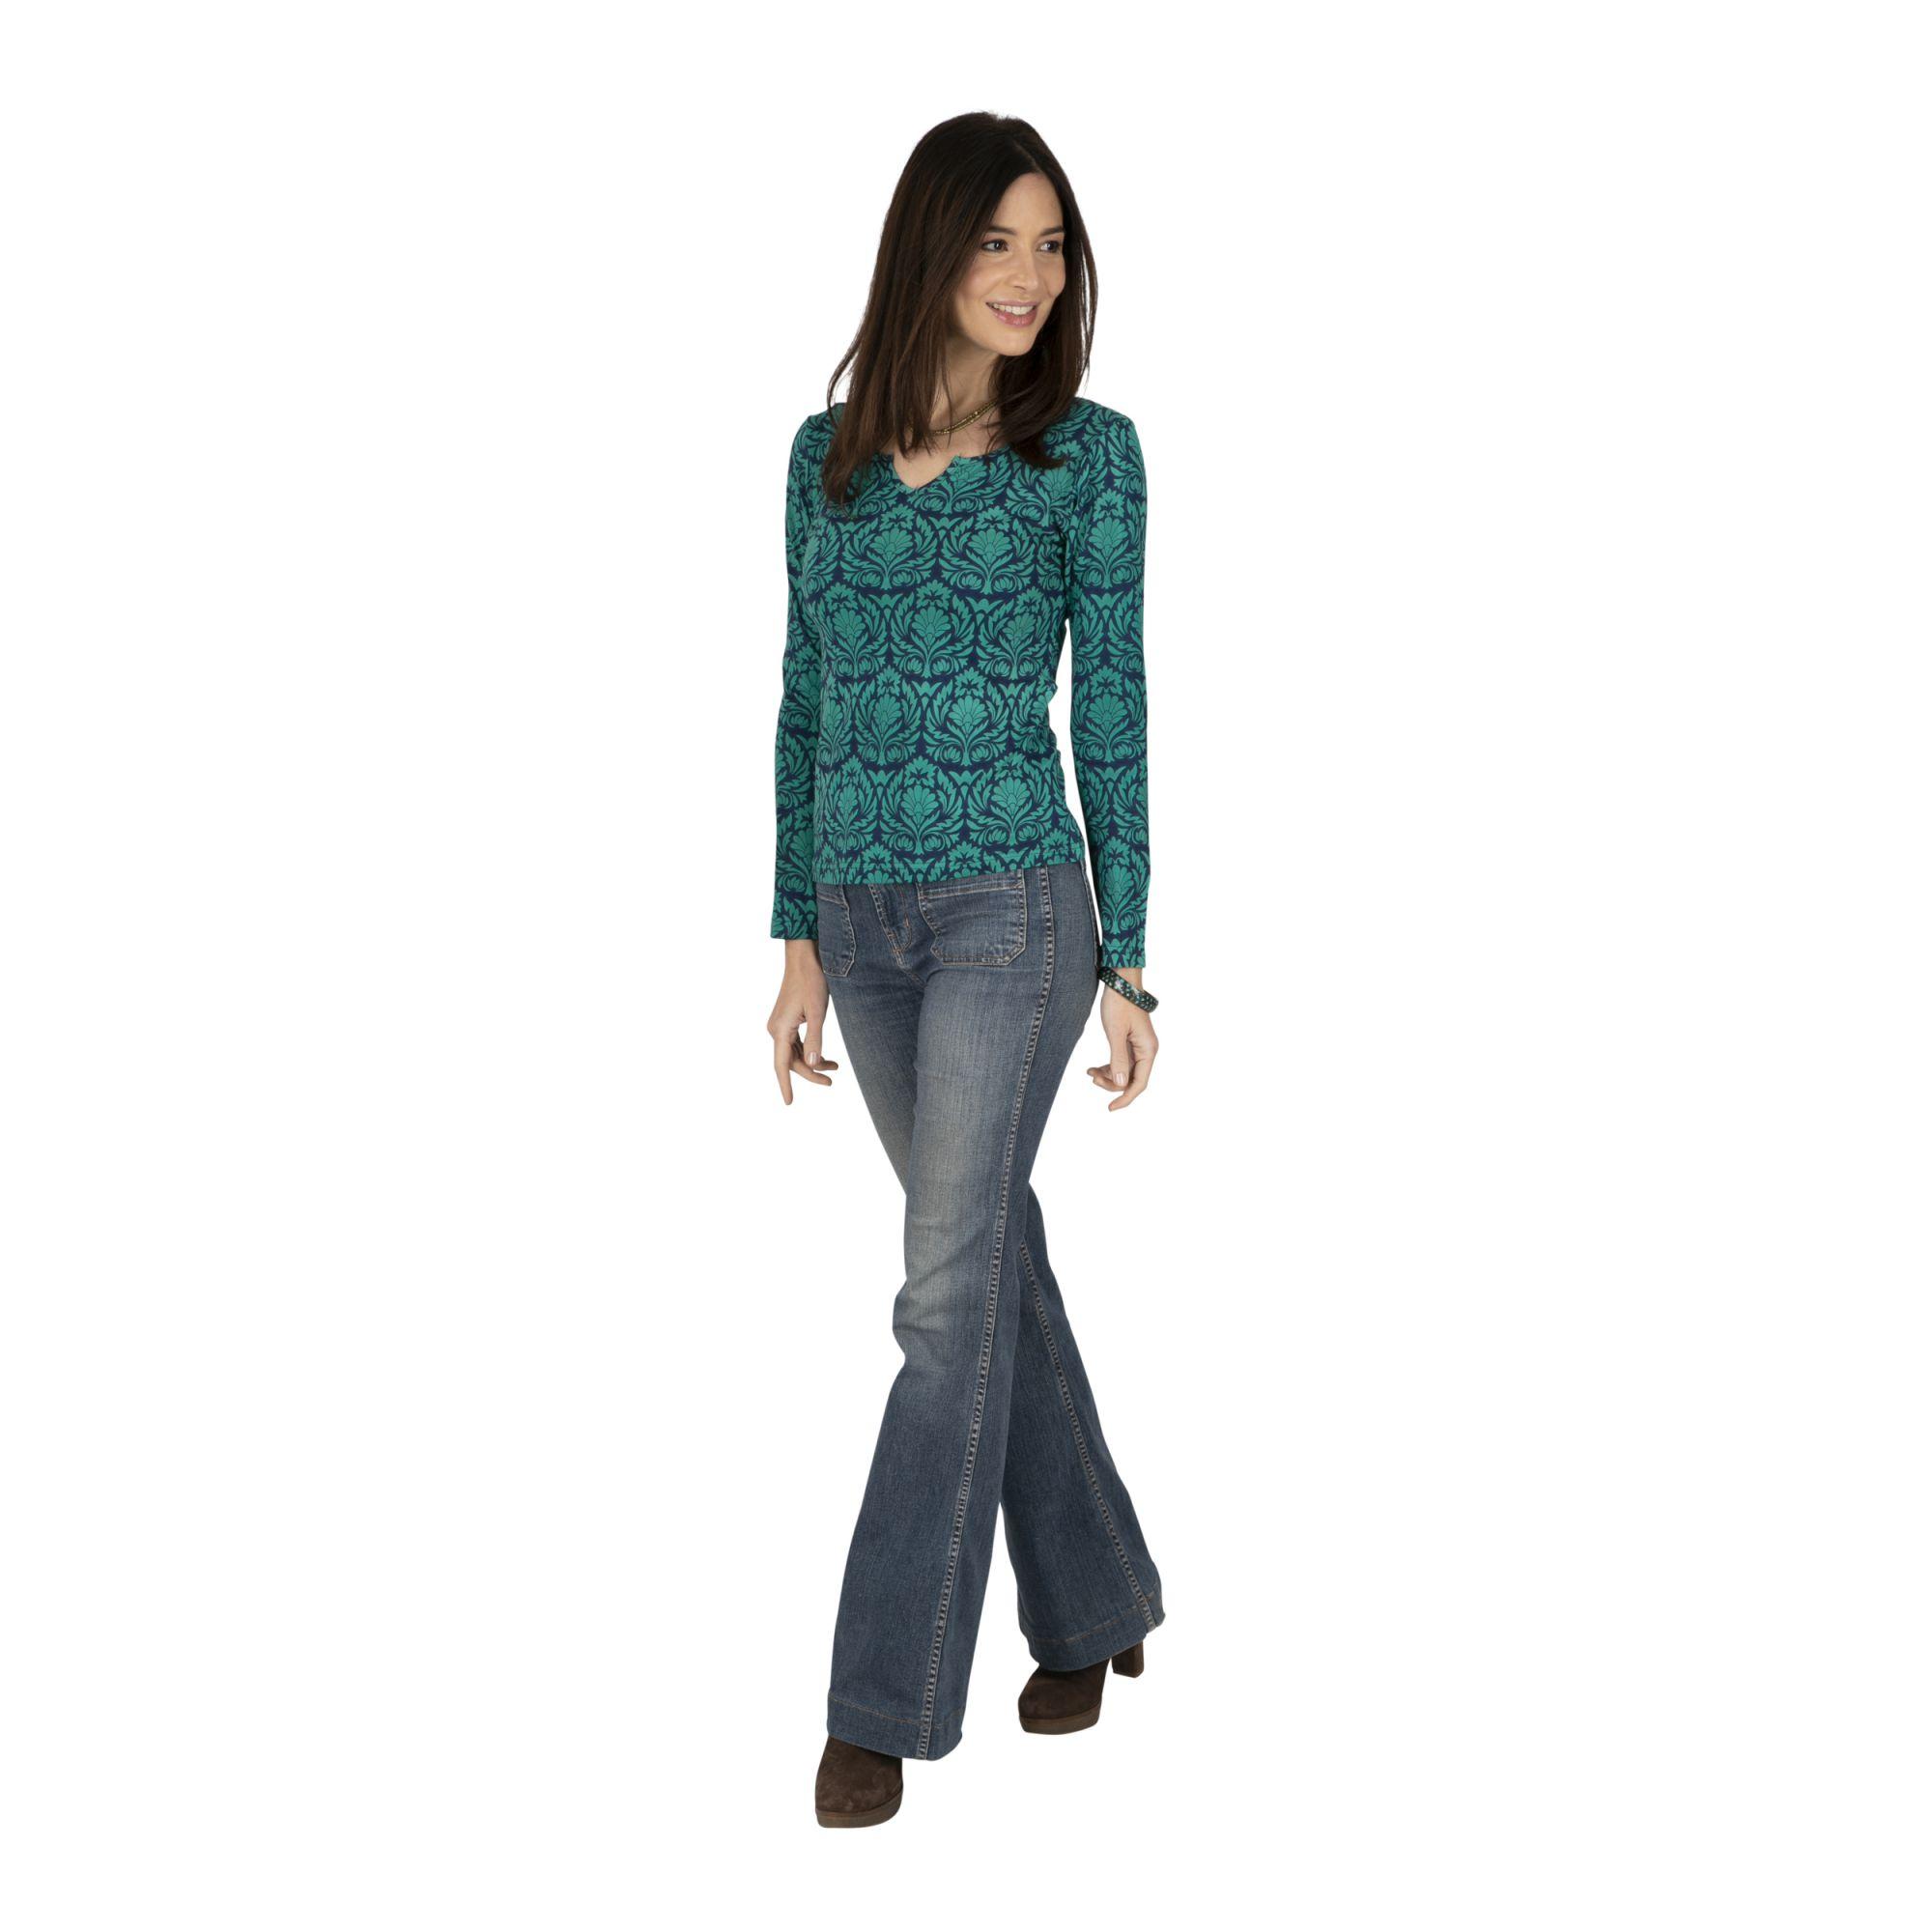 Tee-shirt manches longues bohème coloré pour femme Zinder